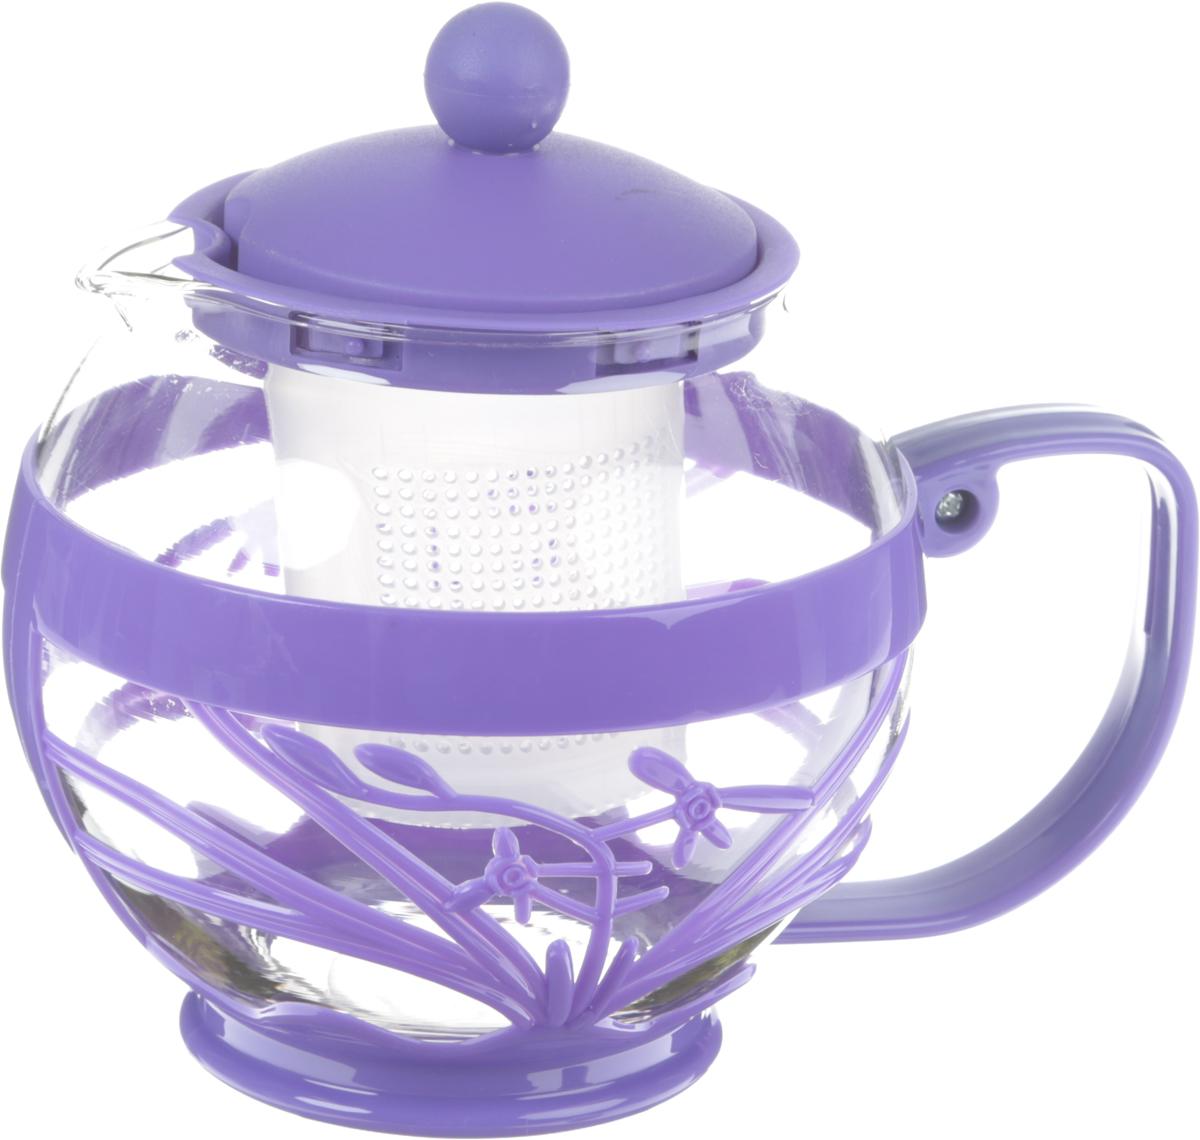 Чайник заварочный Wellberg Aqual, с фильтром, цвет: прозрачный, фиолетовый, 800 мл391602Чайник заварочный Wellberg Aqual изготовлен из высококачественного стекла и пластика. Изделие оснащено сетчатым фильтром, который задерживает чаинки и предотвращает их попадание в чашку, а прозрачные стенки дадут возможность наблюдать за насыщением напитка.Чай в таком чайнике дольше остается горячим, а полезные и ароматические вещества полностью сохраняются в напитке. Не рекомендуется мыть в посудомоечной машине.Диаметр чайника (по верхнему краю): 8 см.Высота чайника (с учетом крышки): 15 см.Размер фильтра: 6 х 6 х 6,5 см.